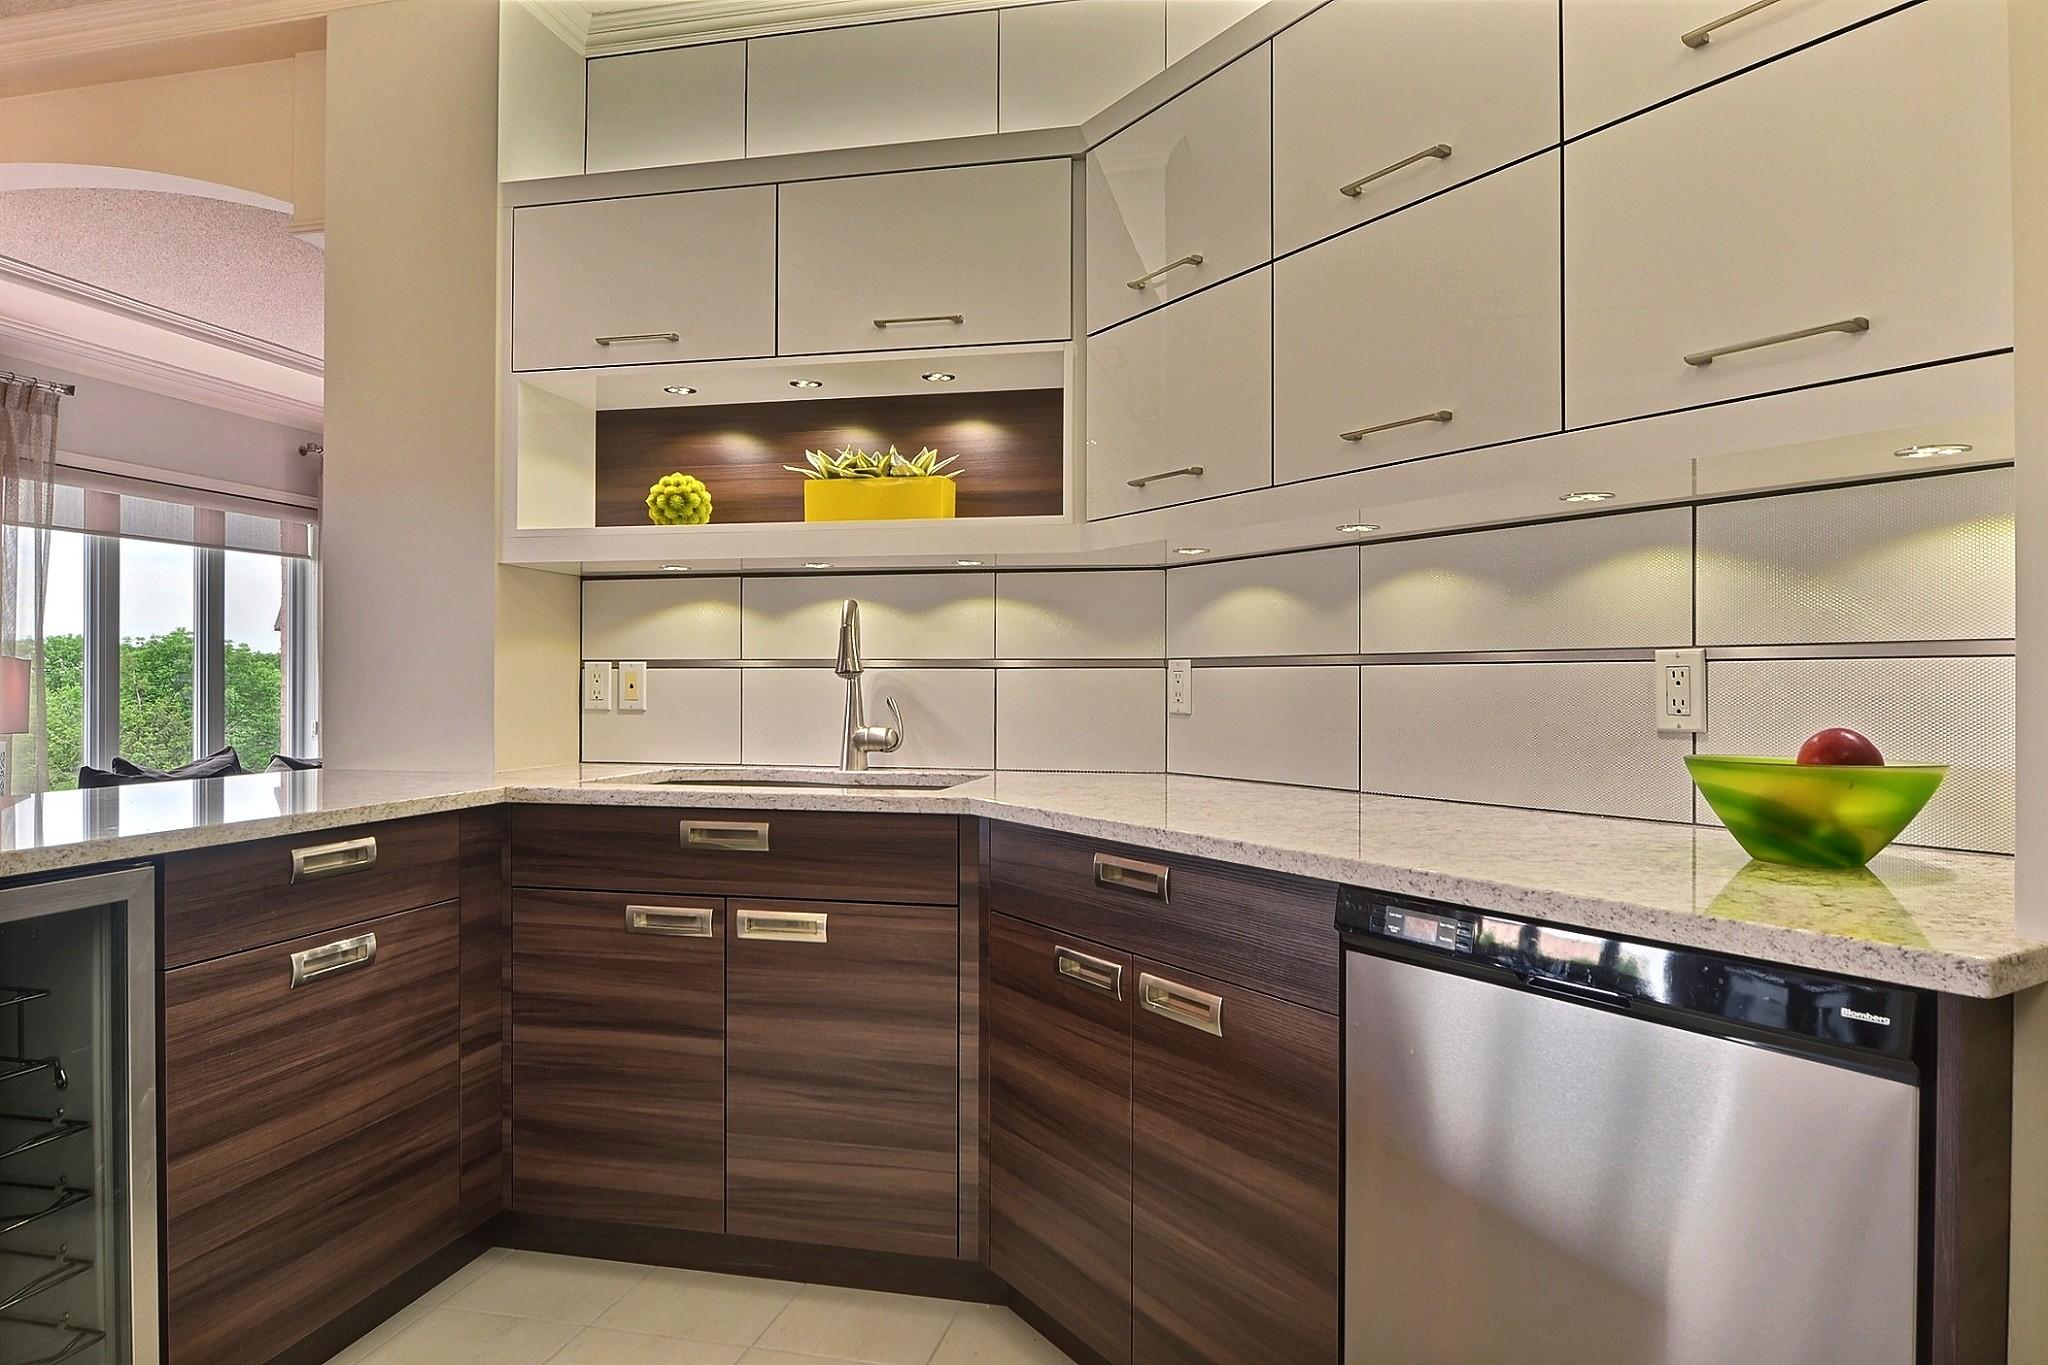 K par k cuisines et salles de bains - Cuisine 2 couleurs ...